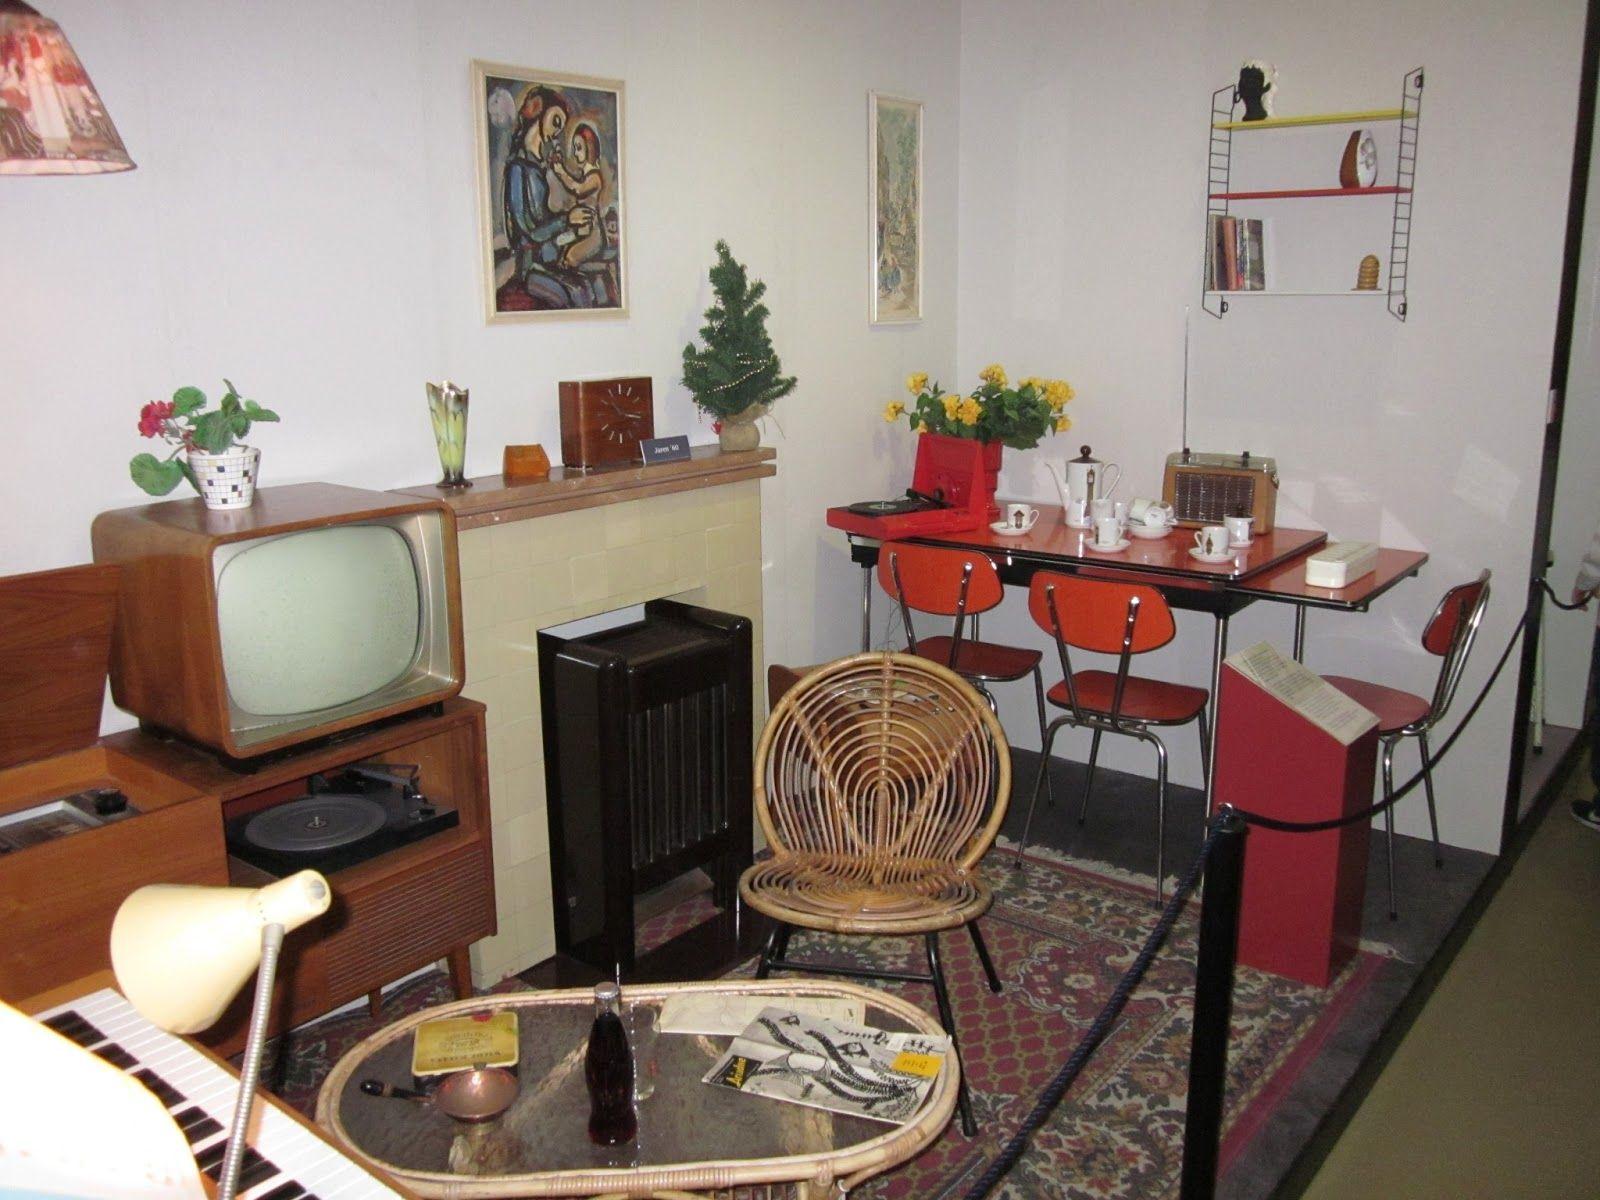 interieur jaren 60 en 70 google zoeken vroeger On jaren 80 interieur